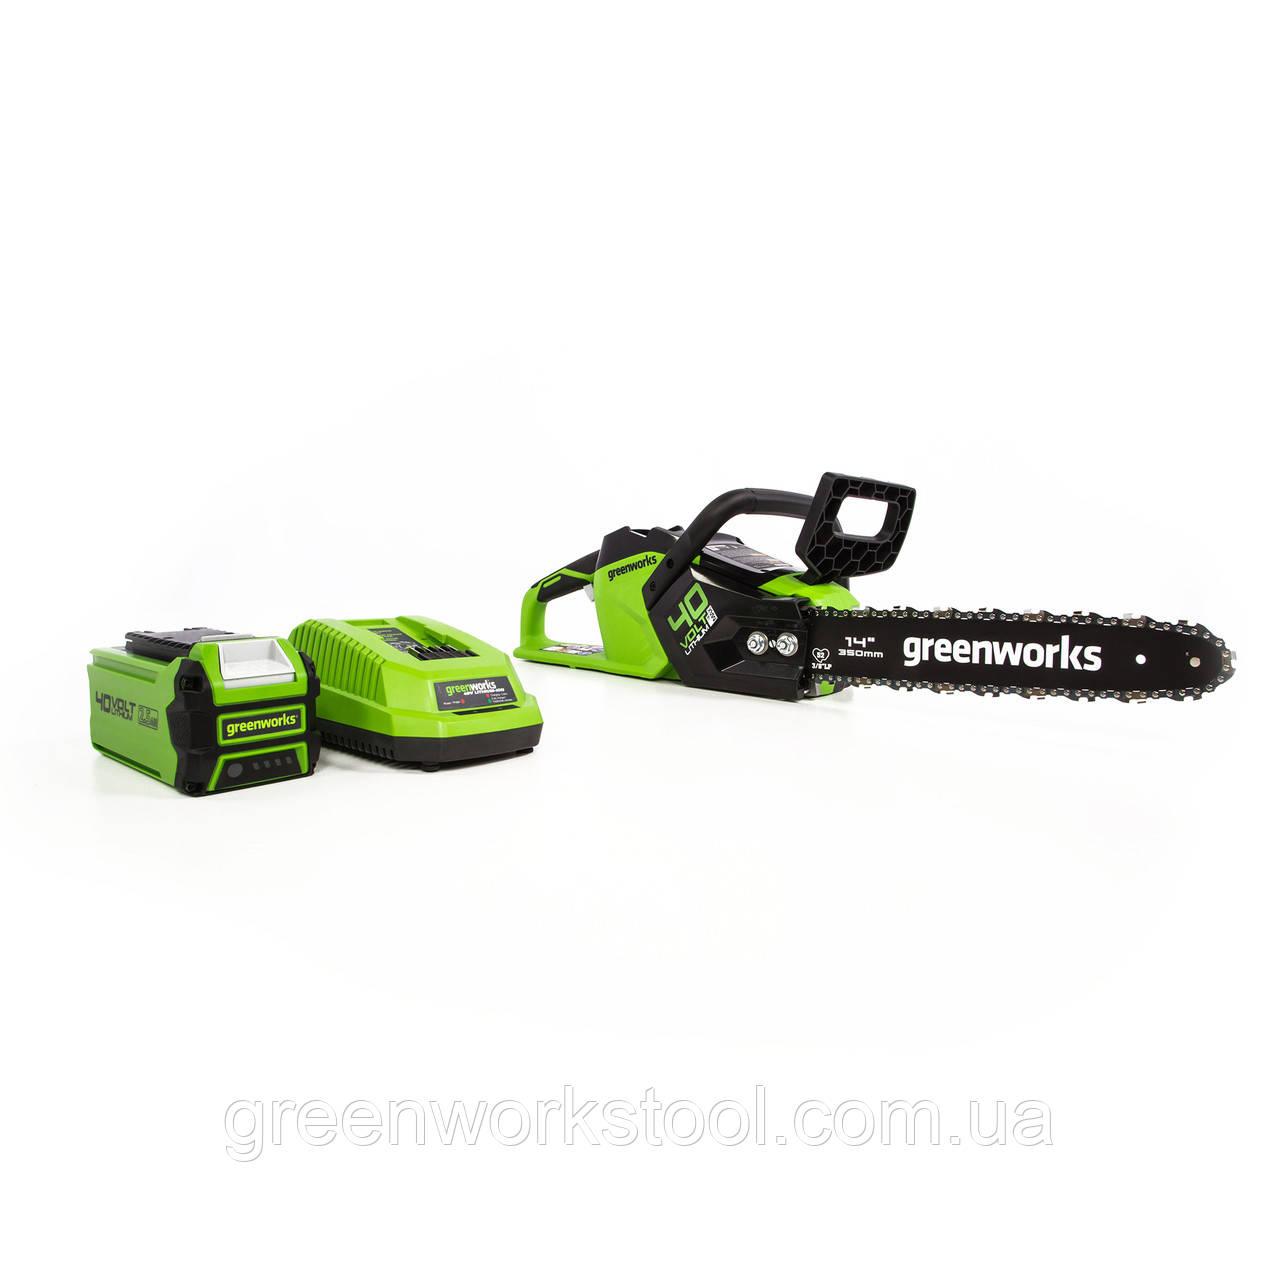 Цепная пила аккумуляторная Greenworks 40 В  GD40CS15 ( CSF403 ) в комплекте с зарядн. устр-м и  аккум. 2,5 А